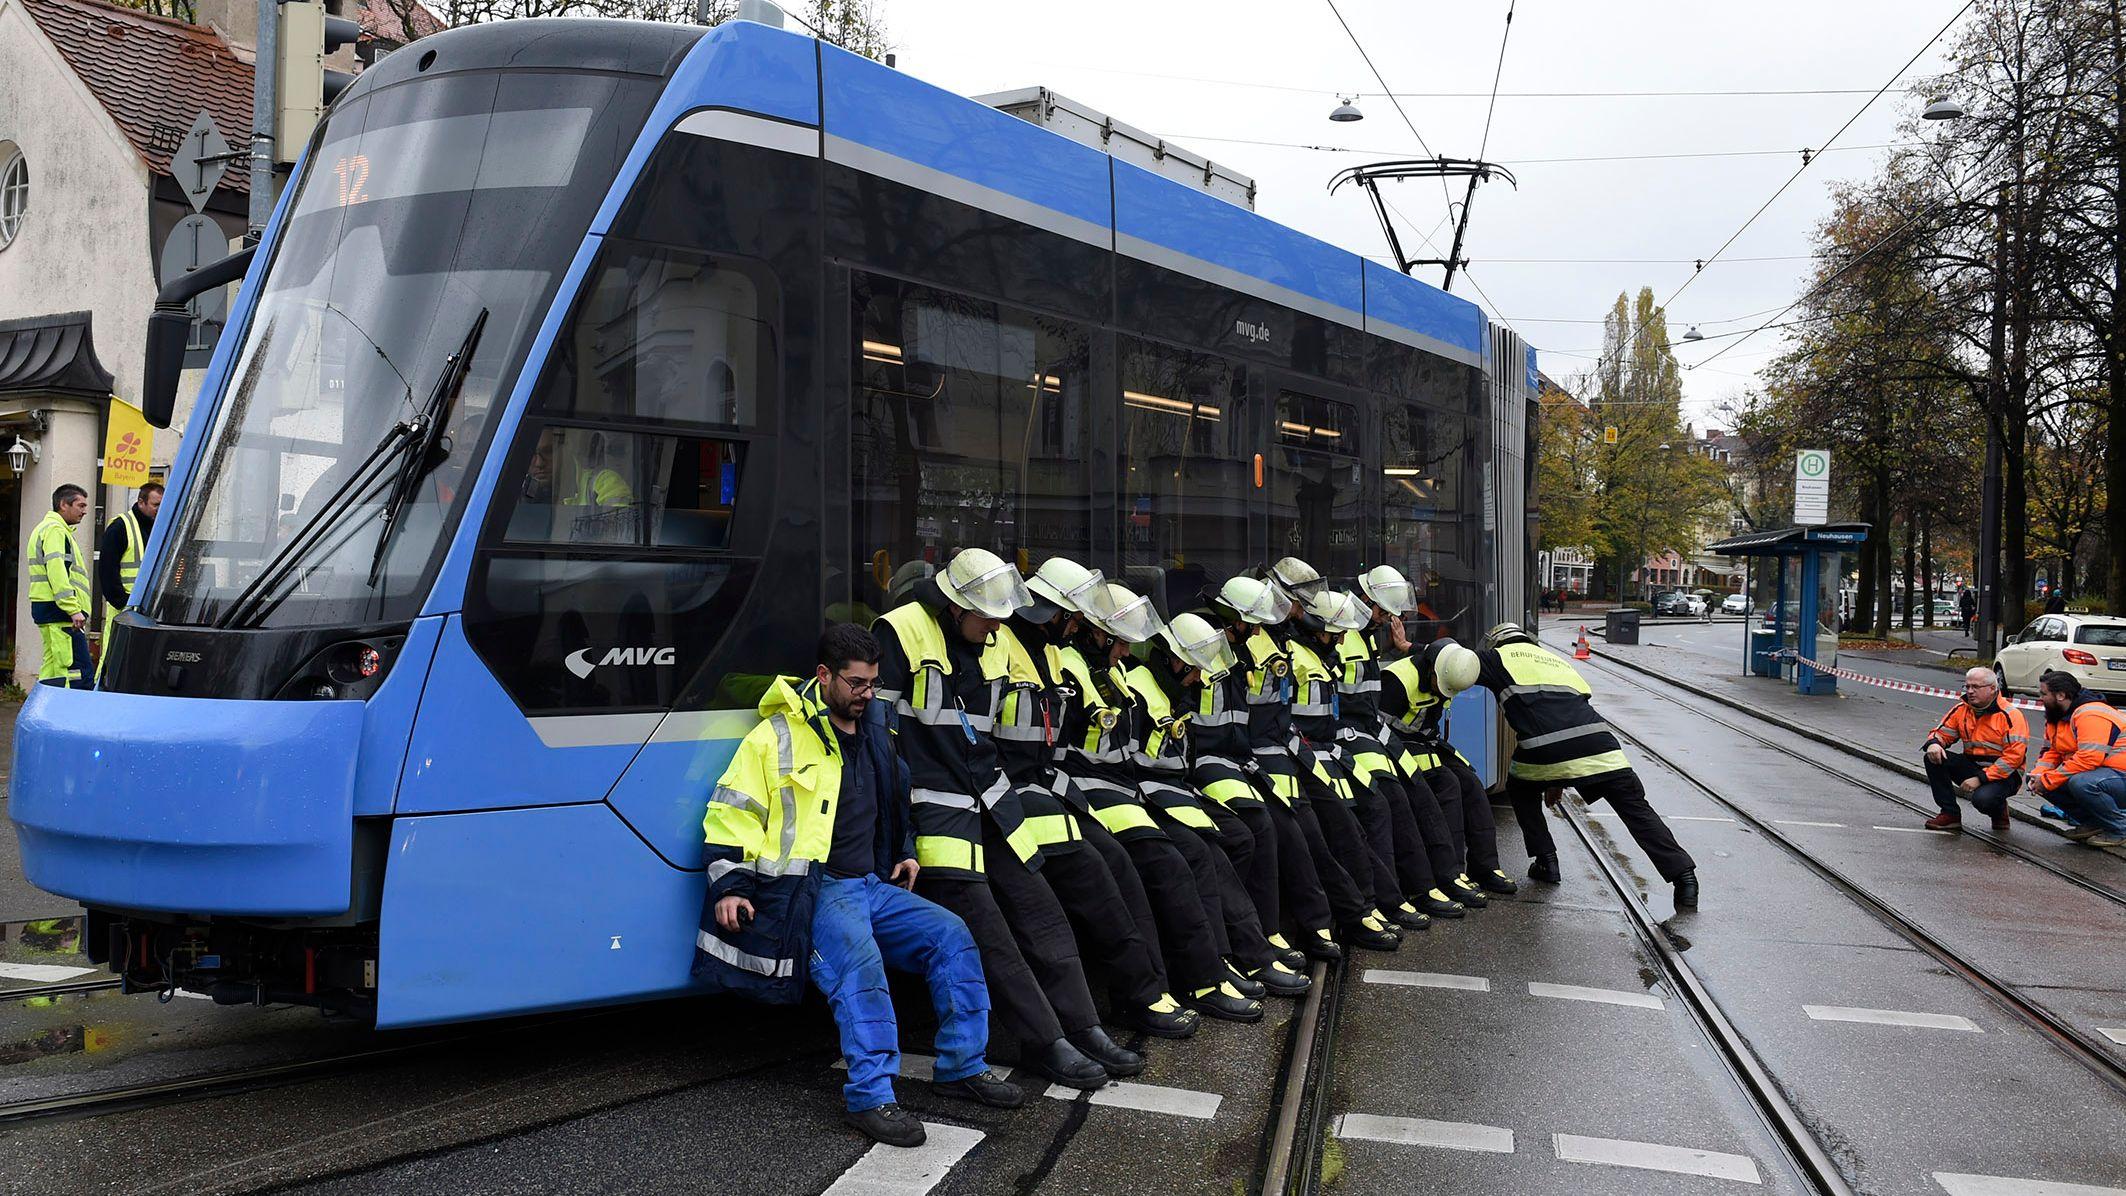 29.10.: Einsatzkräfte der Berufsfeuerwehr München hieven eine entgleiste Tram zurück in die Spur